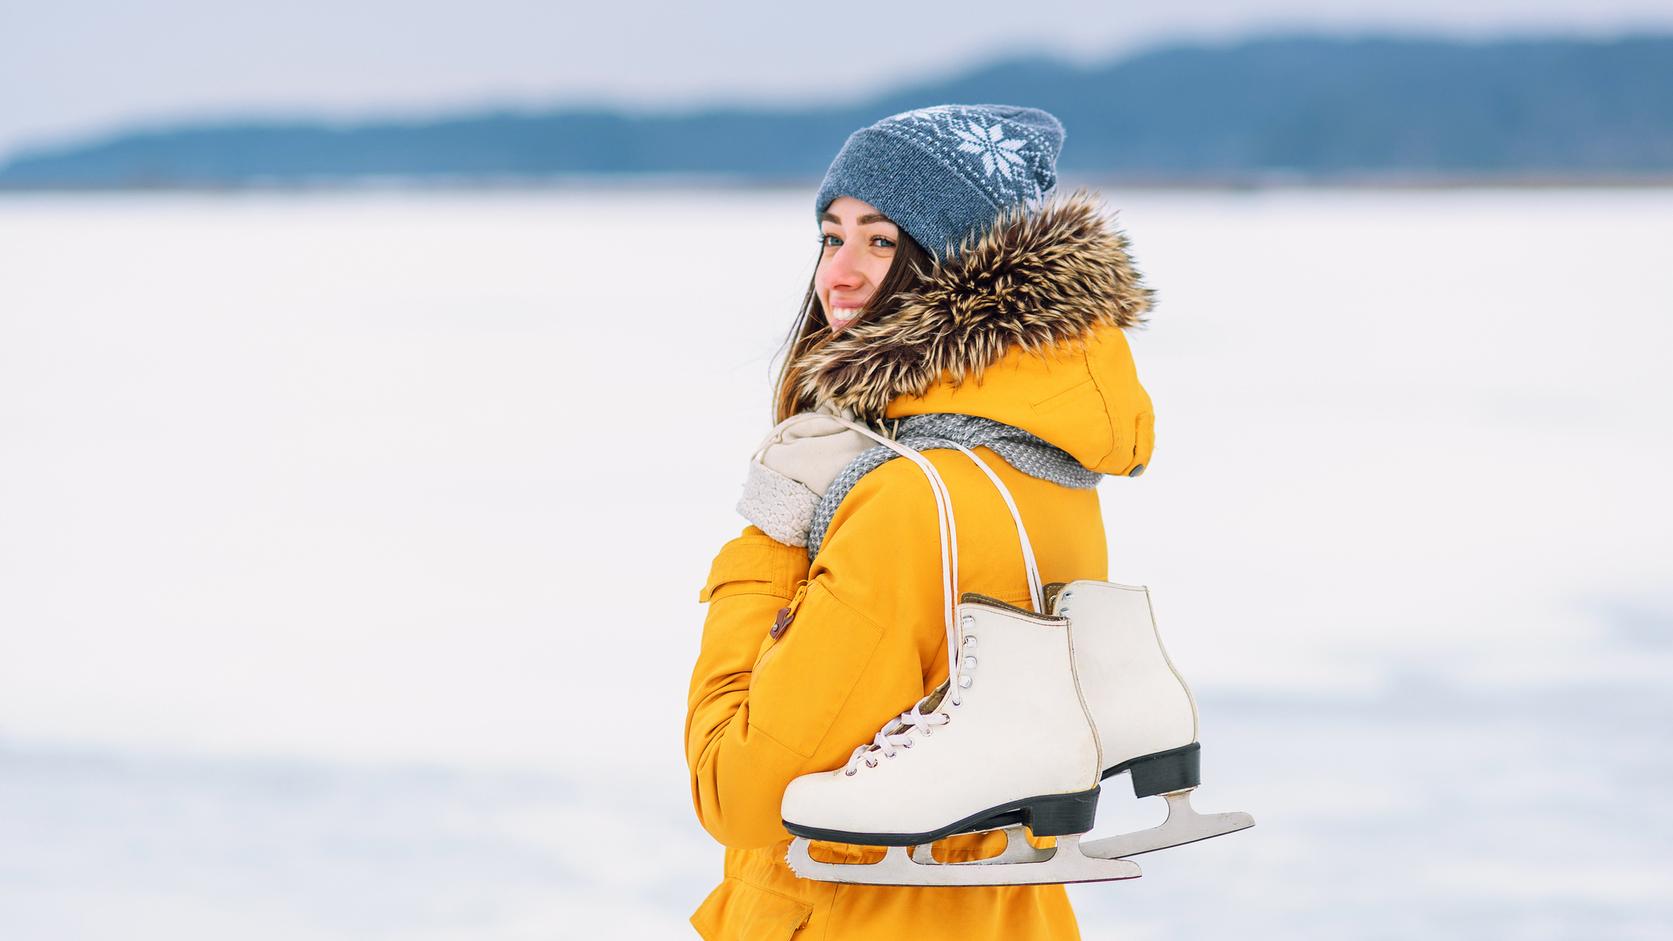 4333171be1 Téli szabadtéri sportok, amik egészségesebbé tesznek | Ridikül